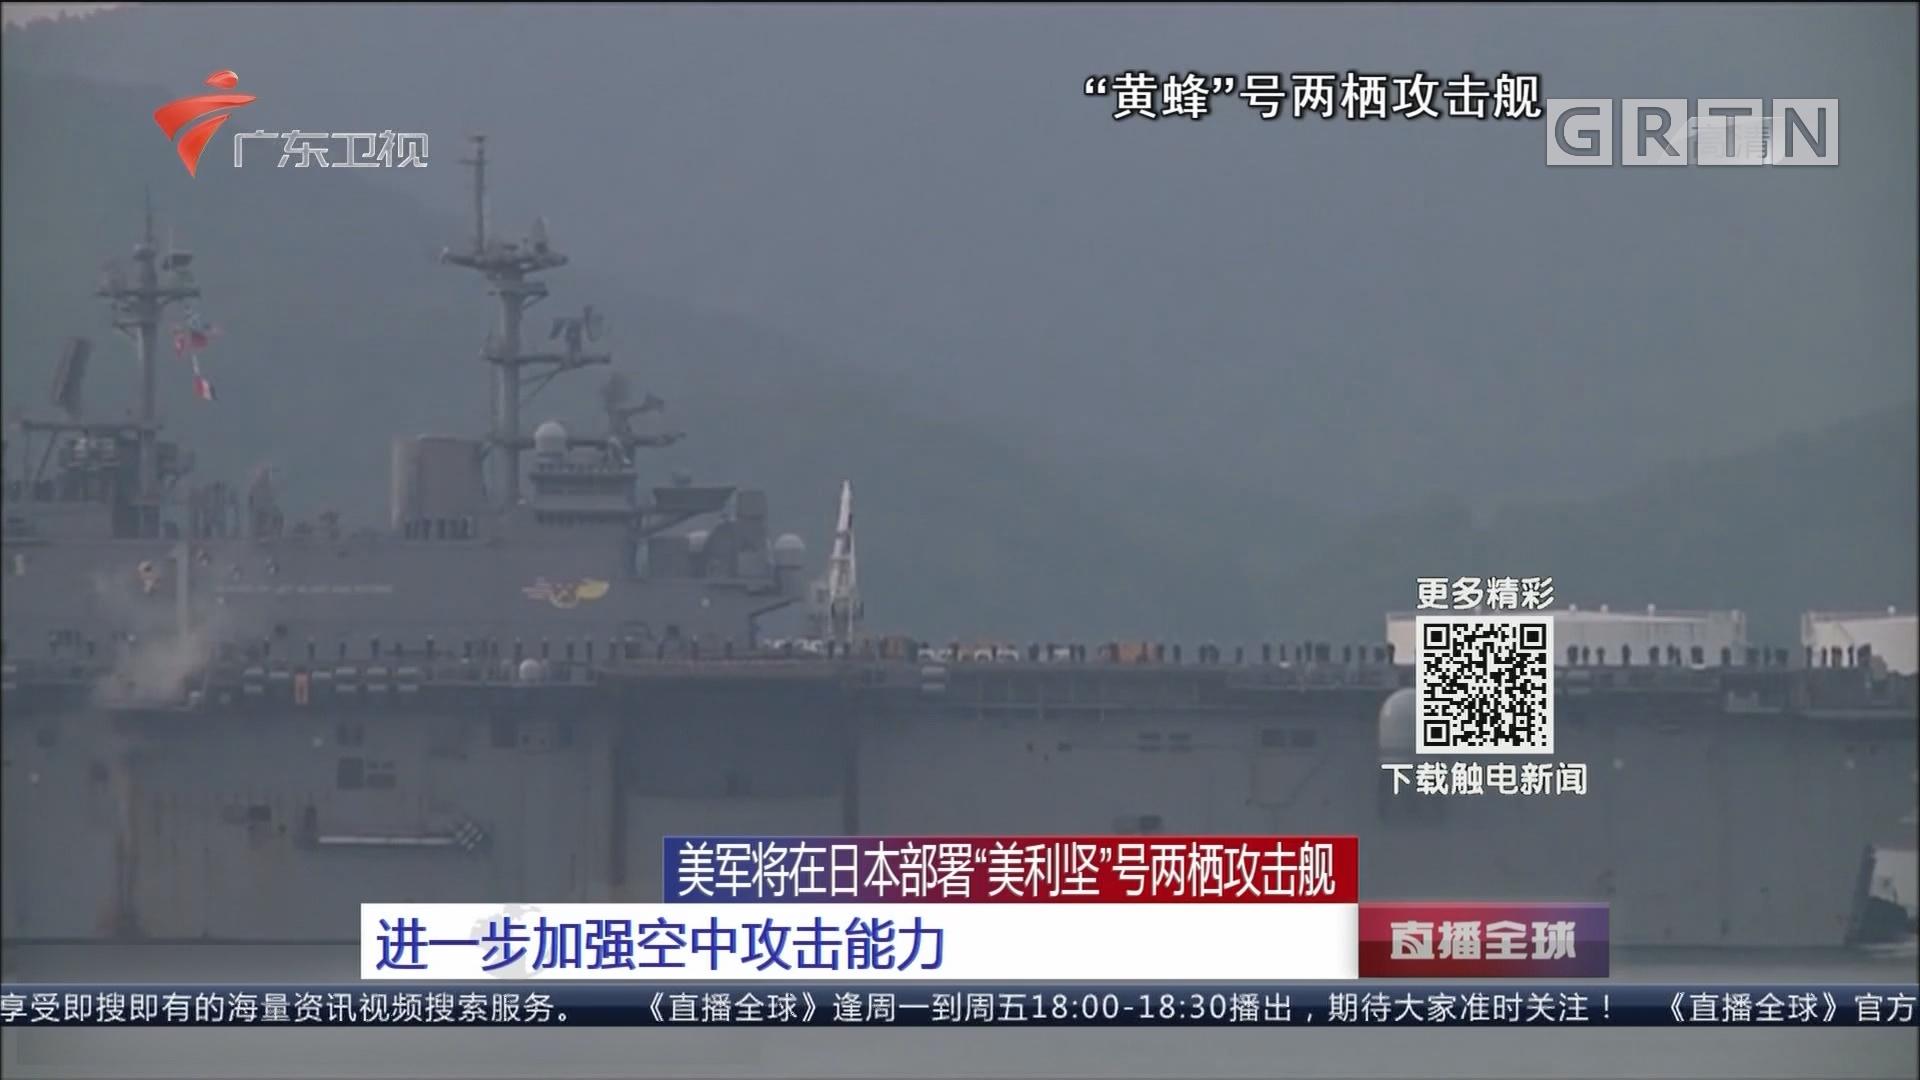 """美军将在日本部署""""美利坚""""号两栖攻击舰:进一步加强空中攻击能力"""